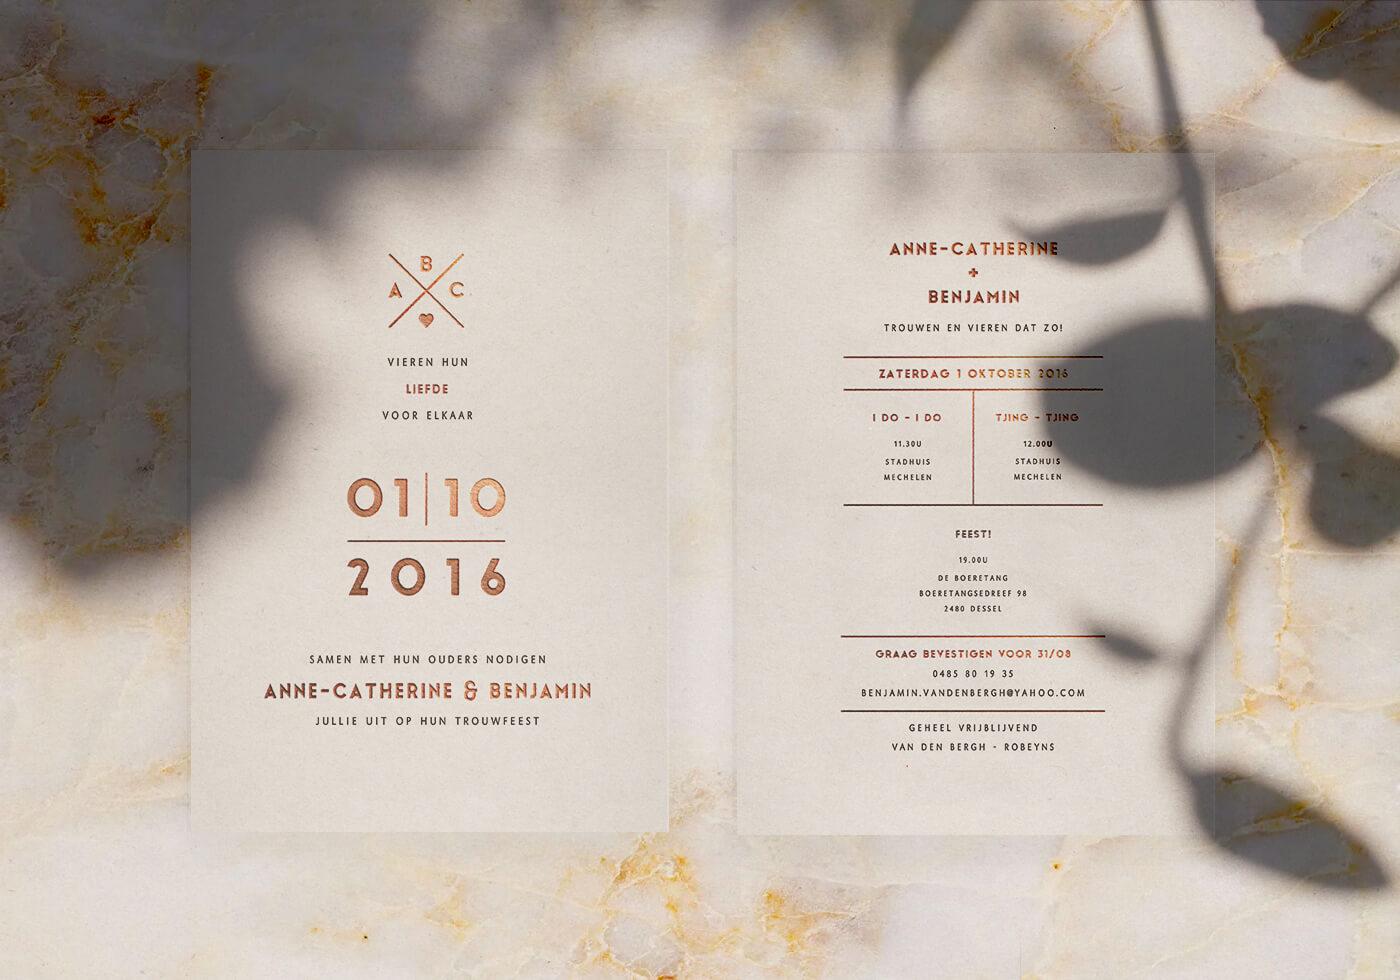 Anne-catherine x Benjamin invitation